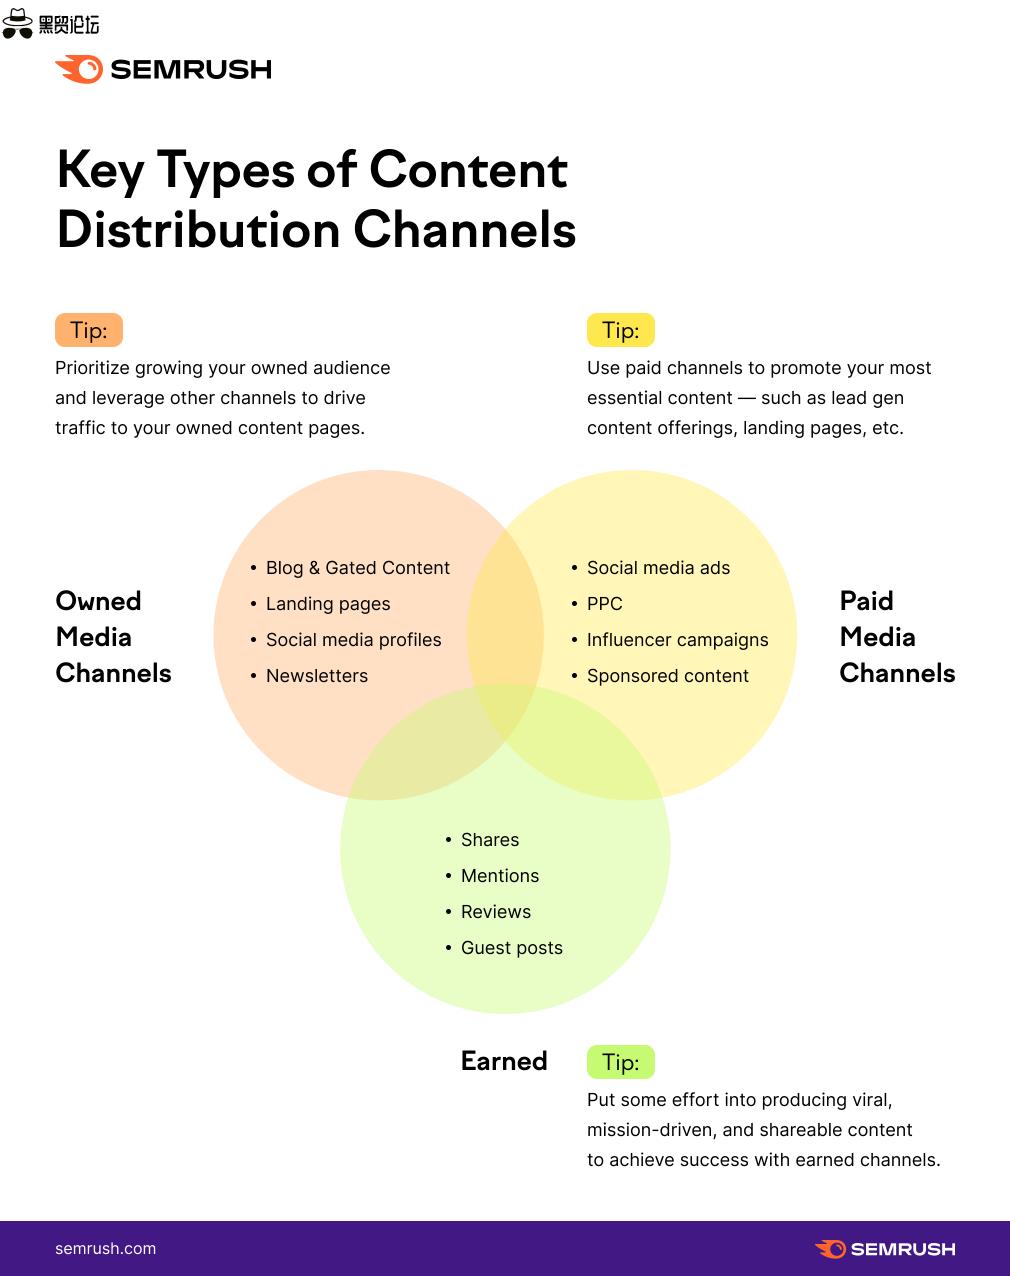 内容分发渠道的主要类型